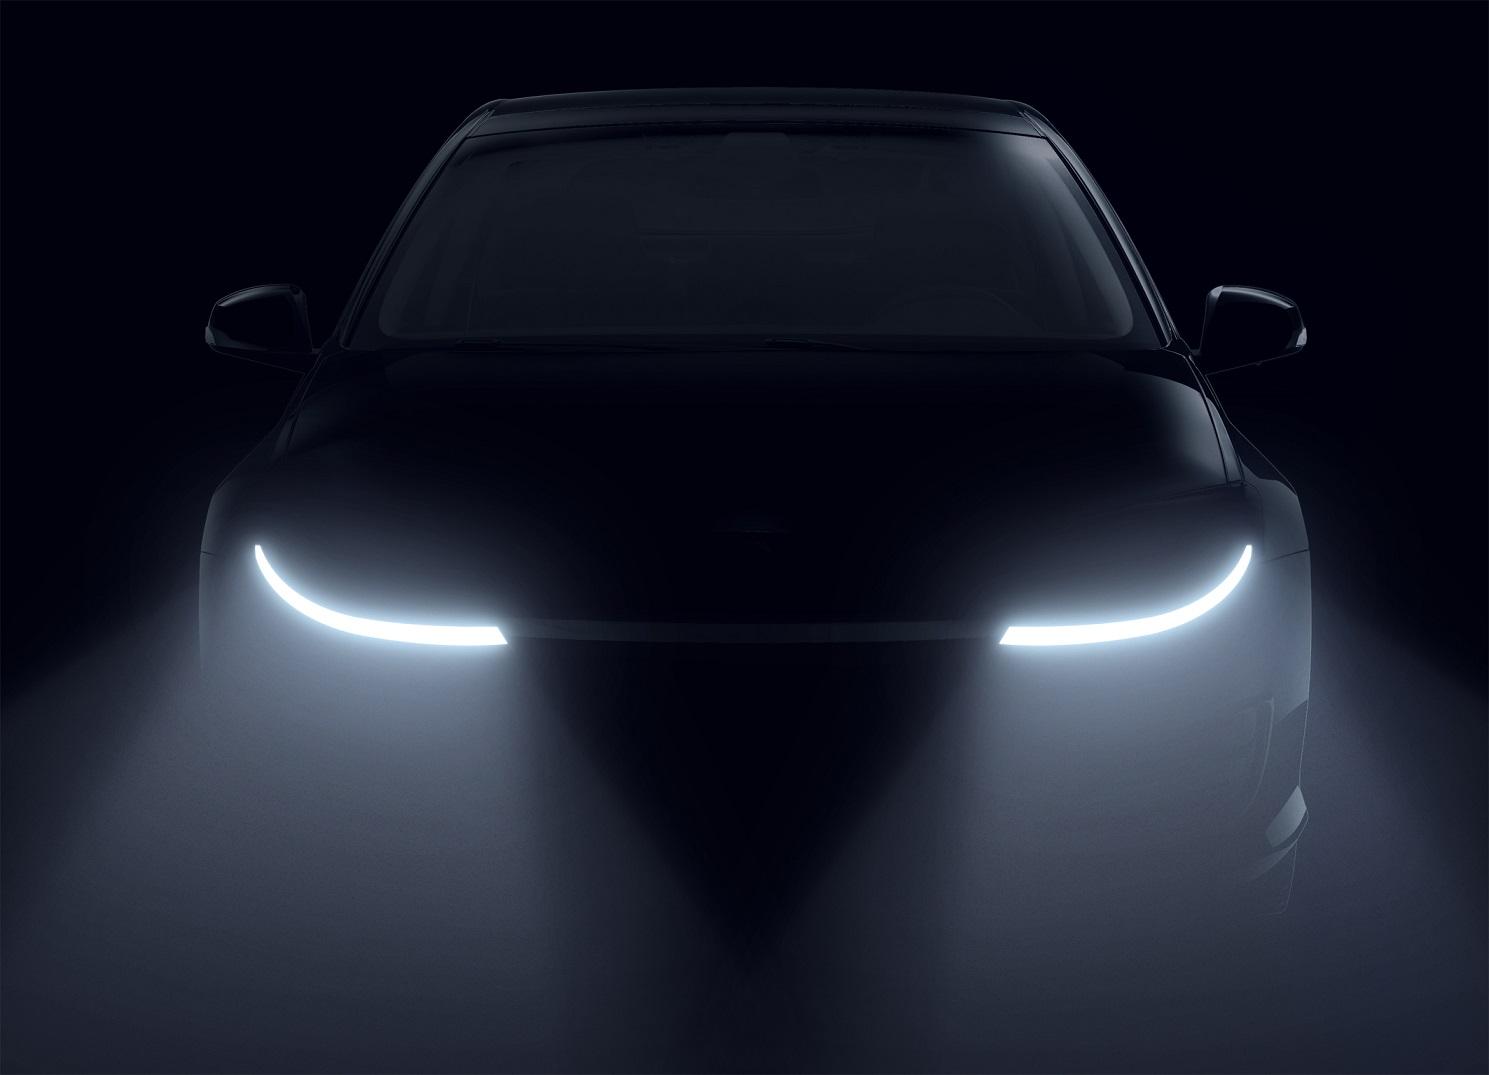 Osram Develops New LED for Ultra-slim Headlights